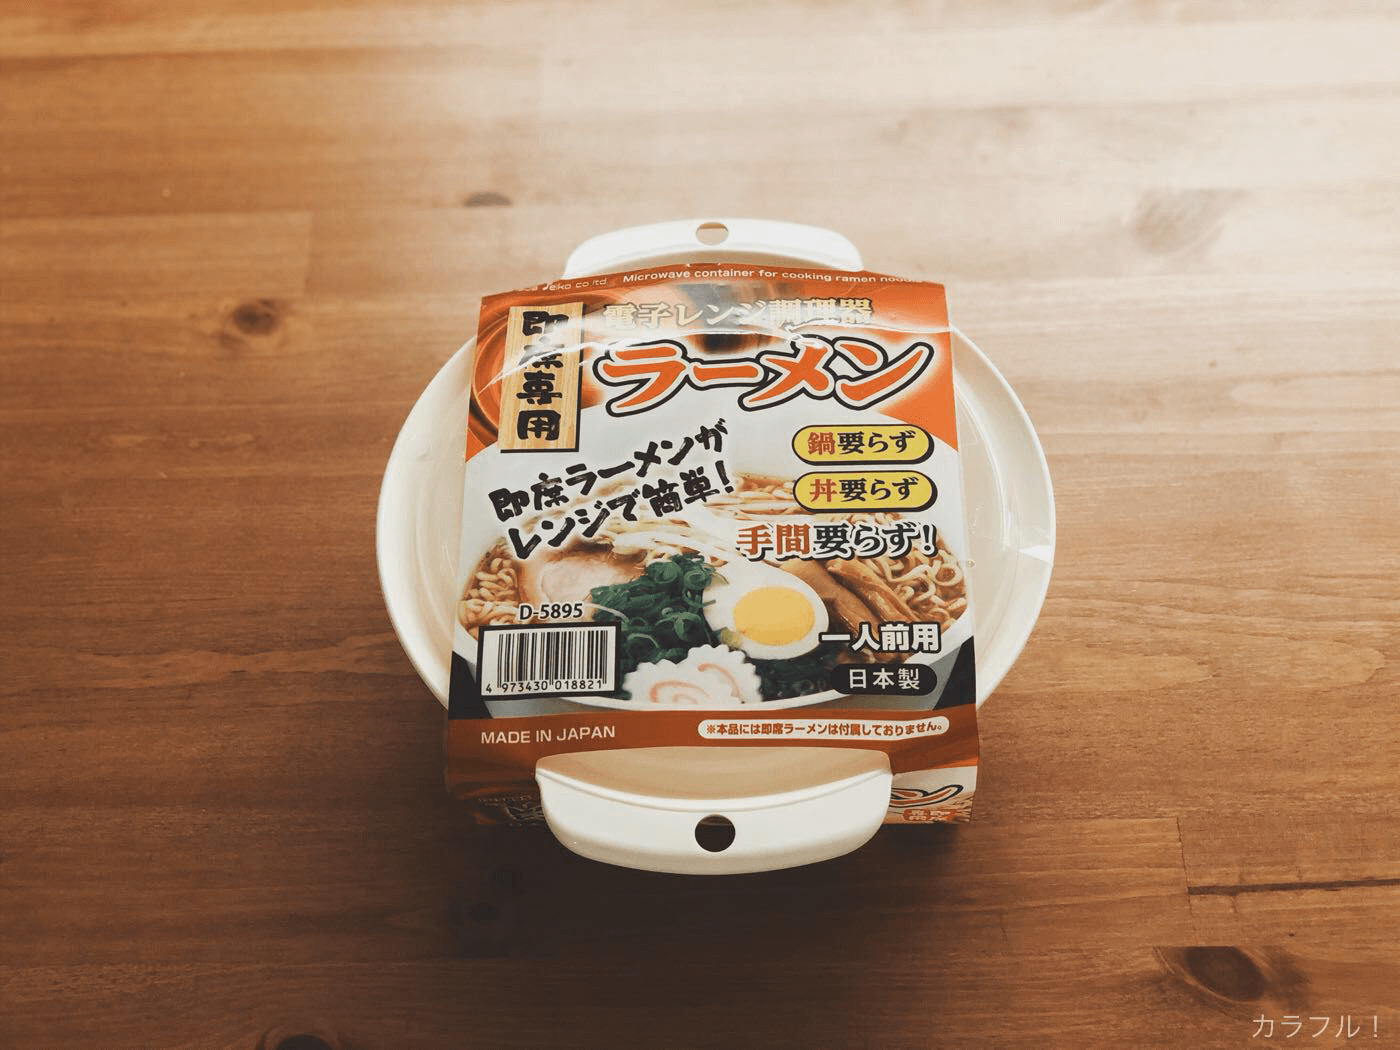 100均キャンドゥのレンジでラーメンが作れるやつは安くて便利だからみんな買おう